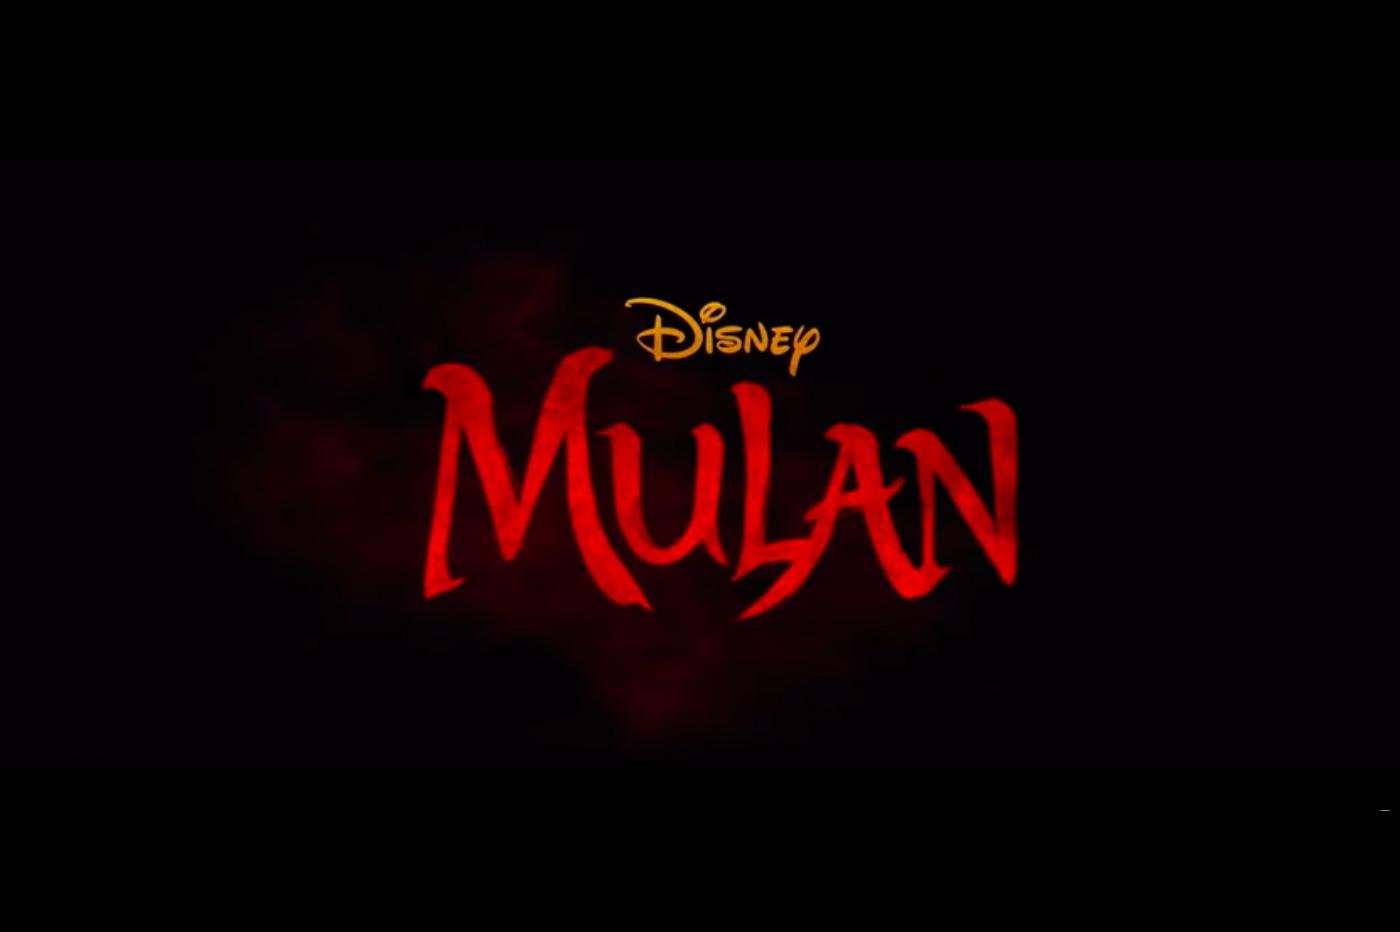 Mulan première bande annonce film live action